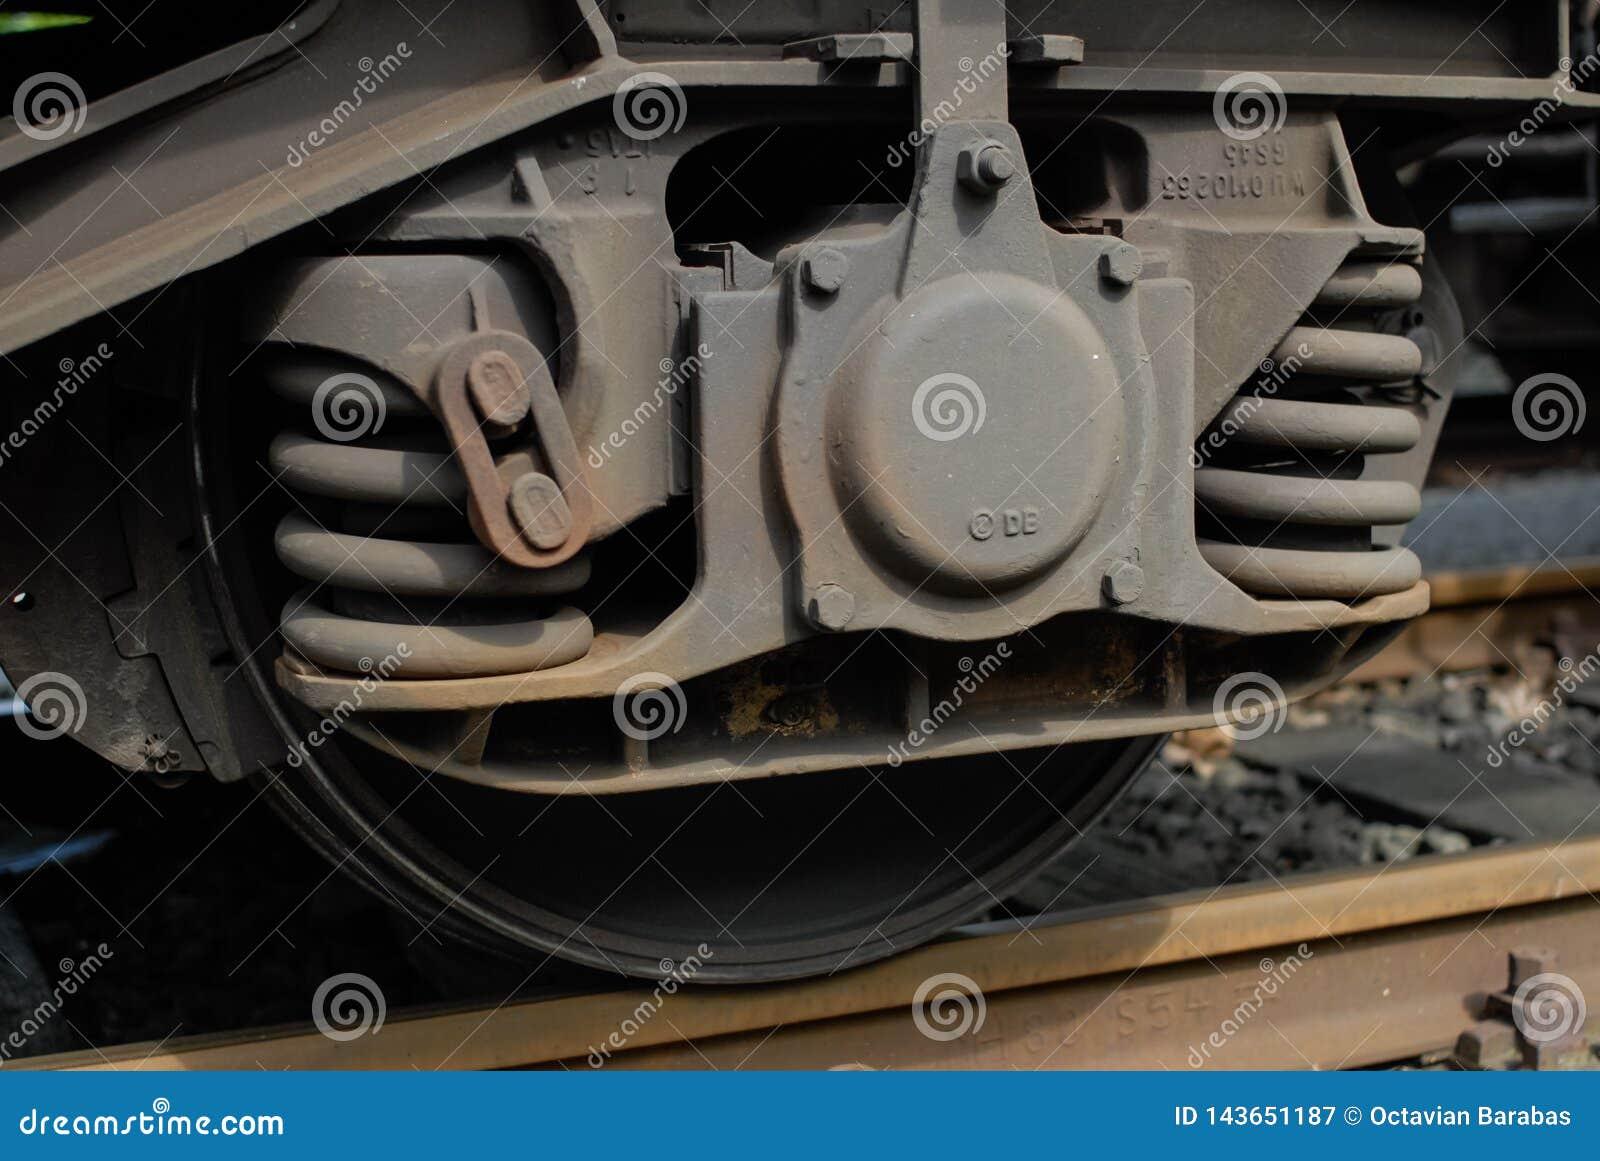 结合春天和轮子在列车车箱